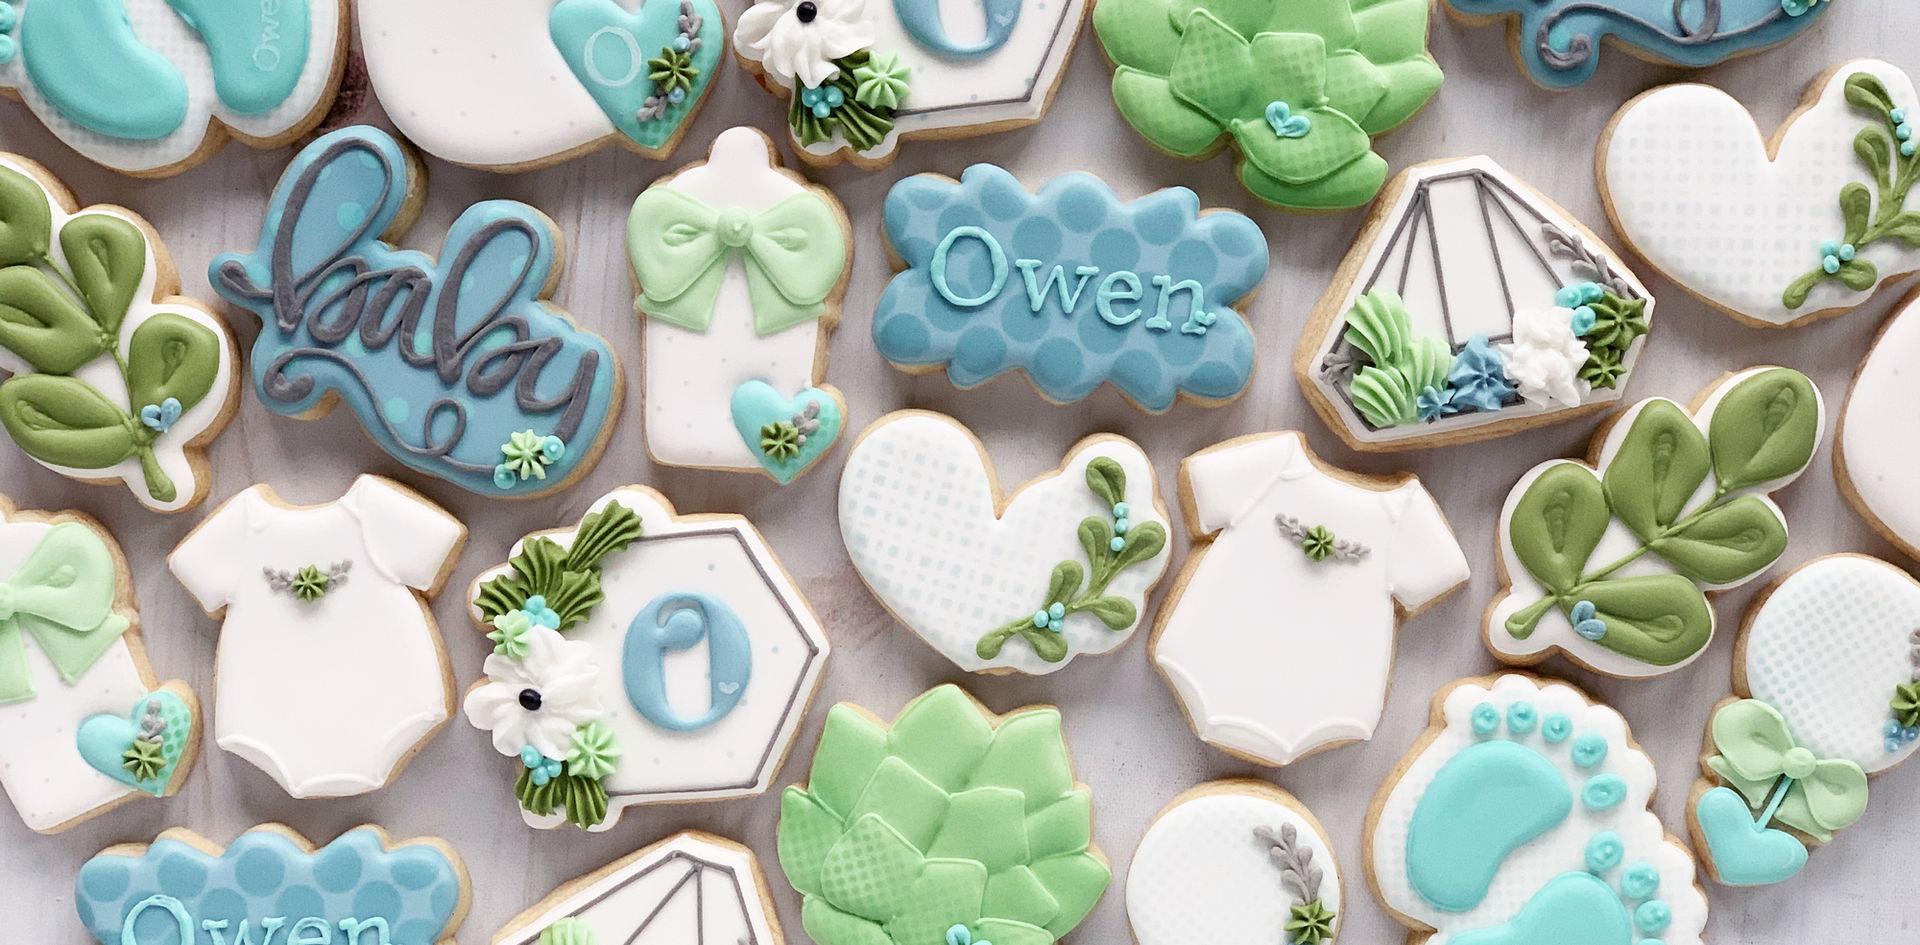 Owen's Baby Shower Cookies.JPG